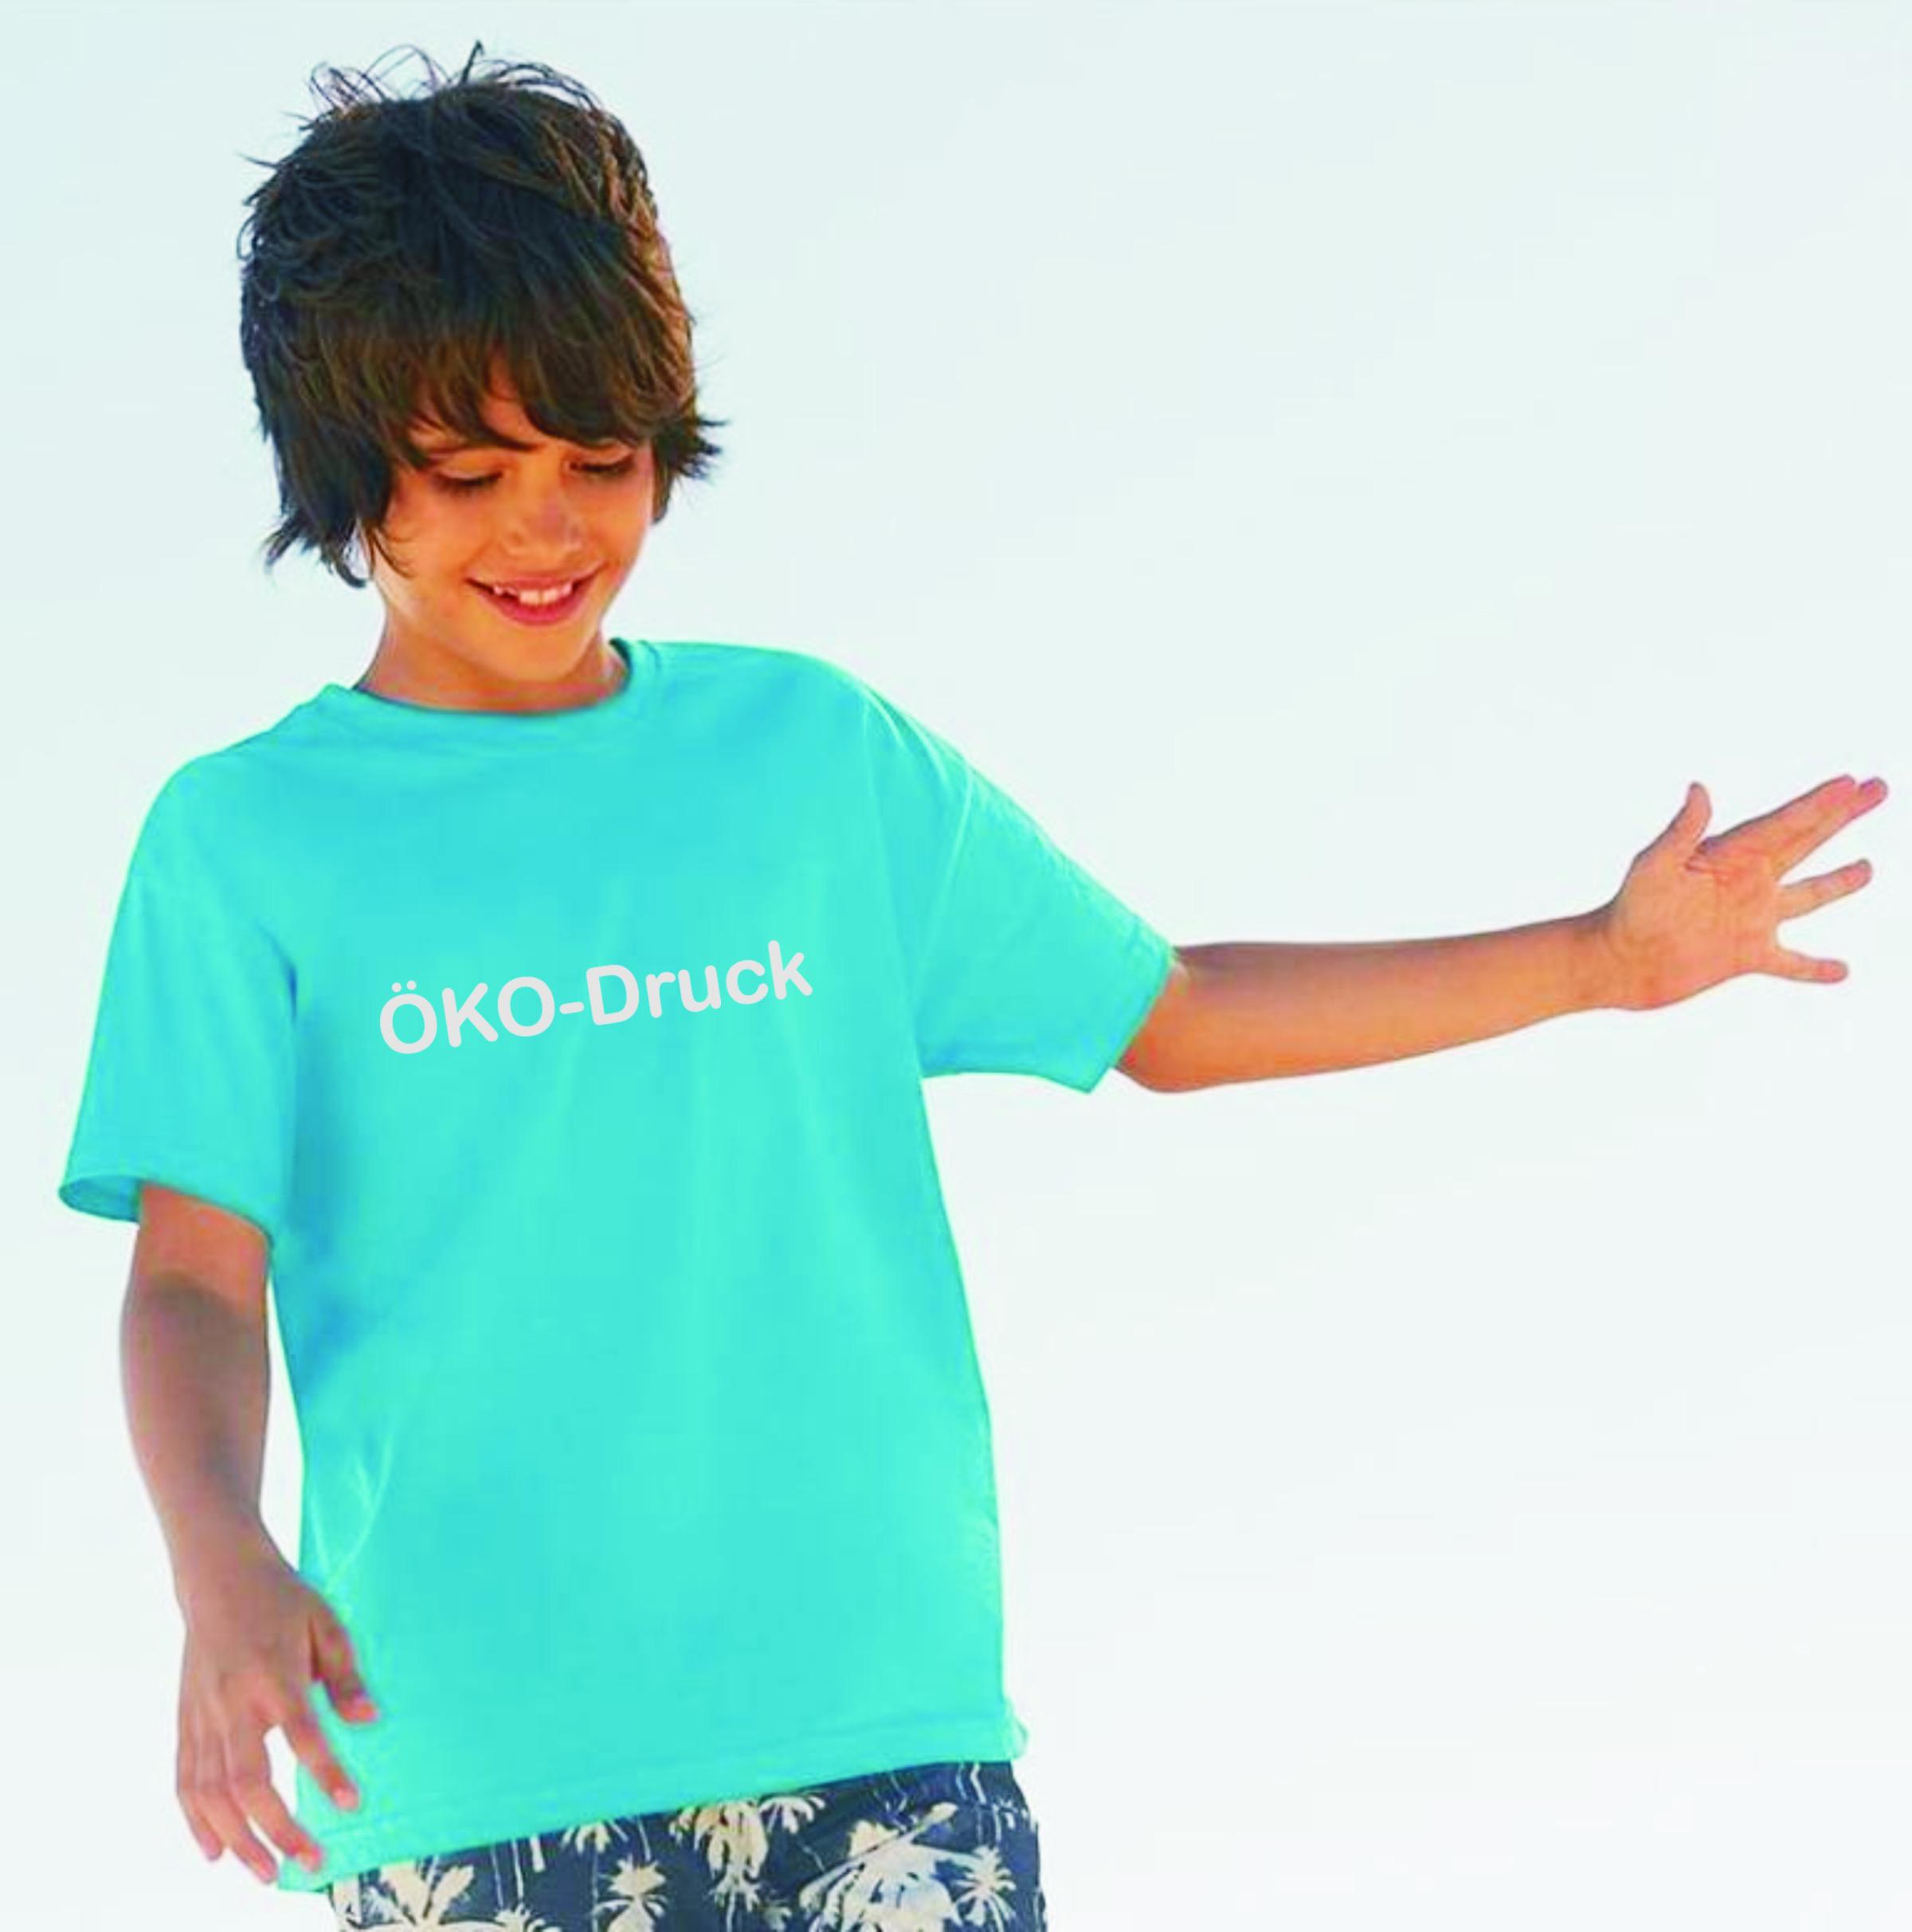 Kinder T-Shirt bedrucken lassen - Kinderkleidung bedrucken ab 1 Stück 6287bd0dd6